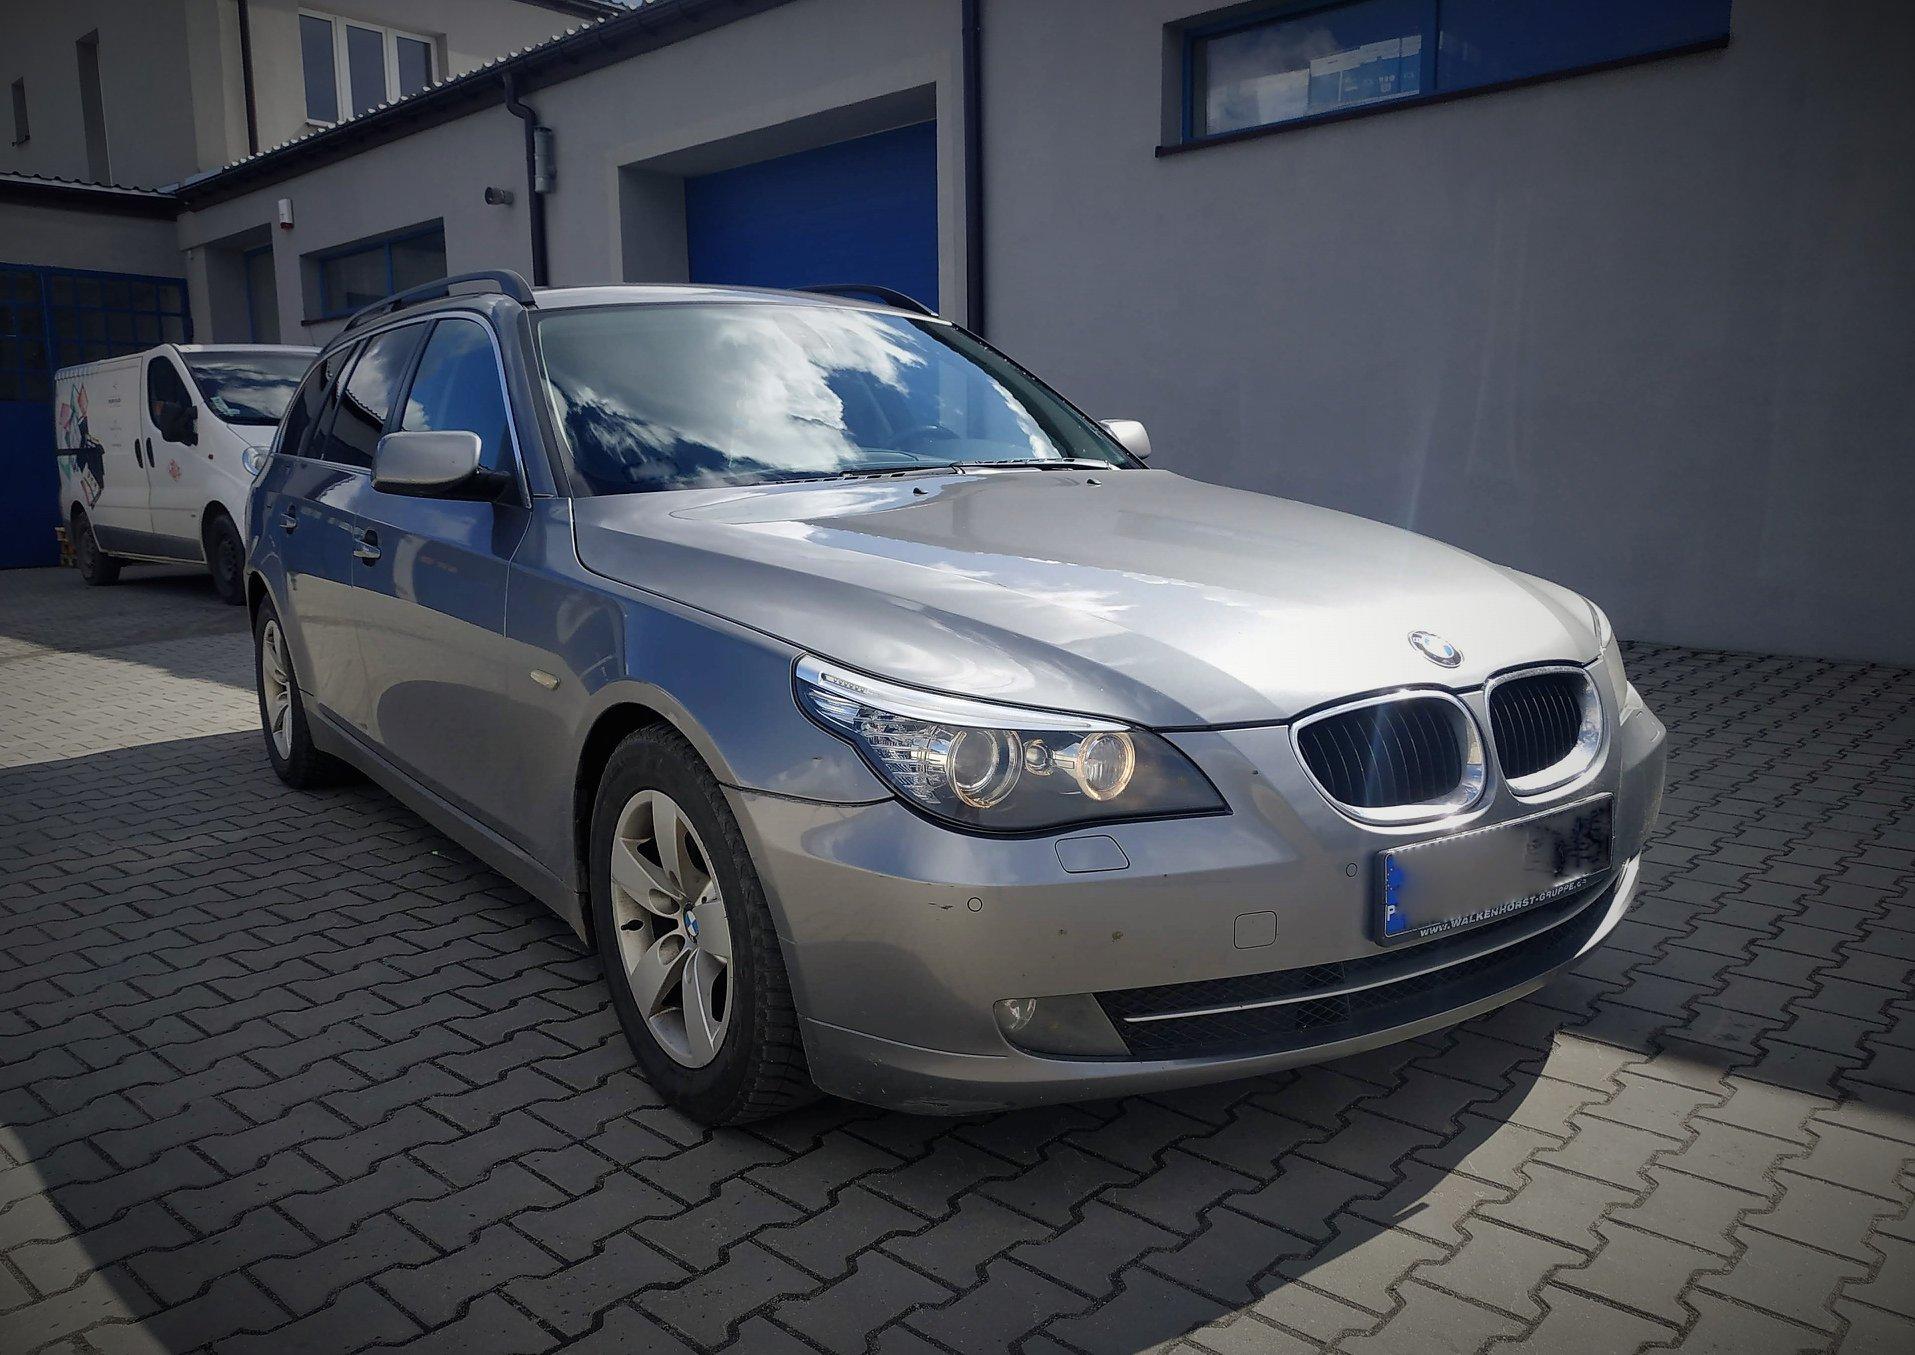 BMW E61 520D 177KM >> 224KM 452Nm